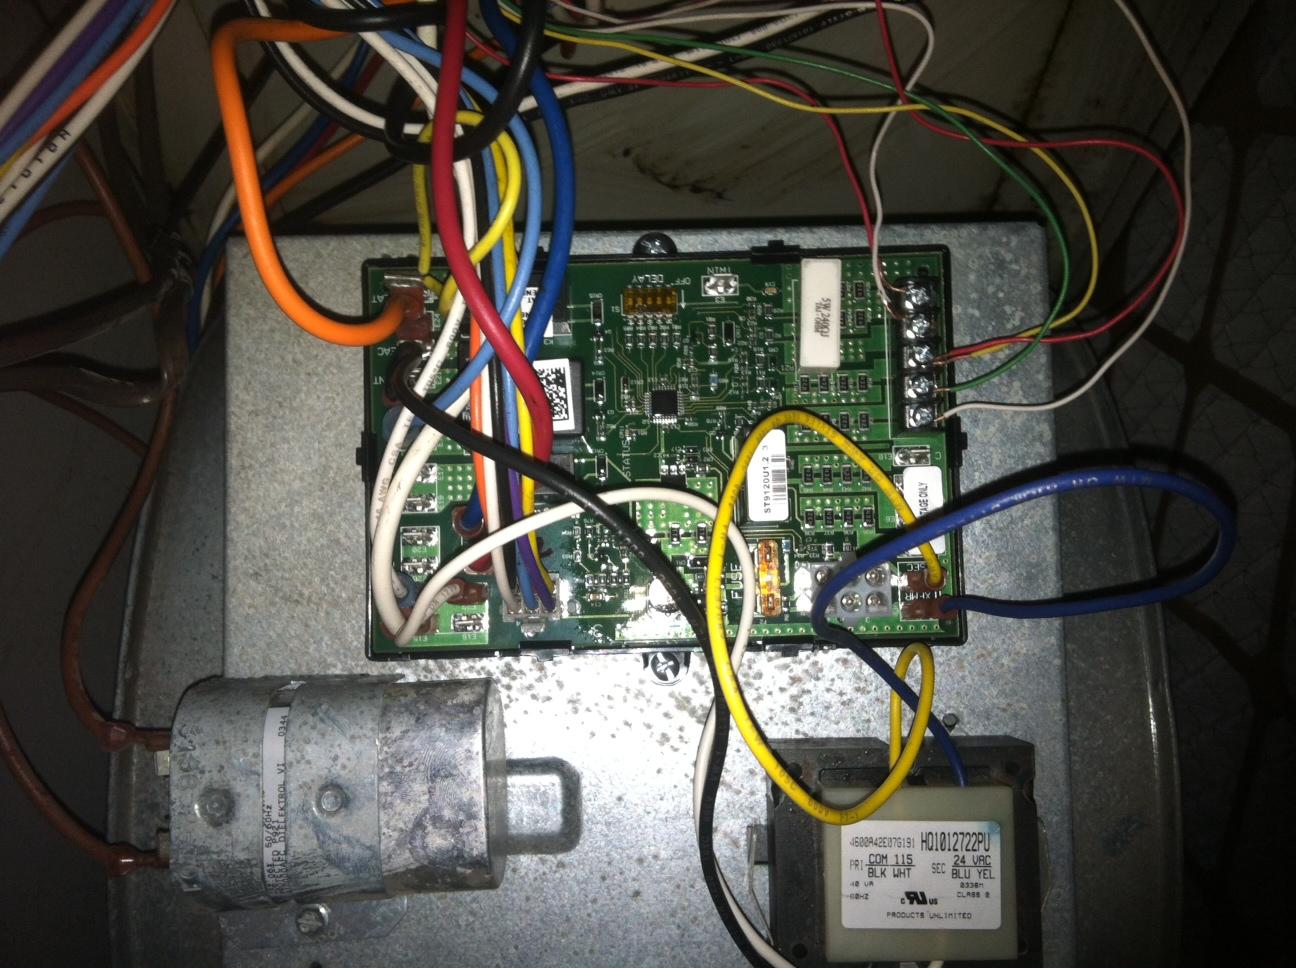 I Have A Comfortmaker Furnace  Model  N8mpn075f16a1   I Have